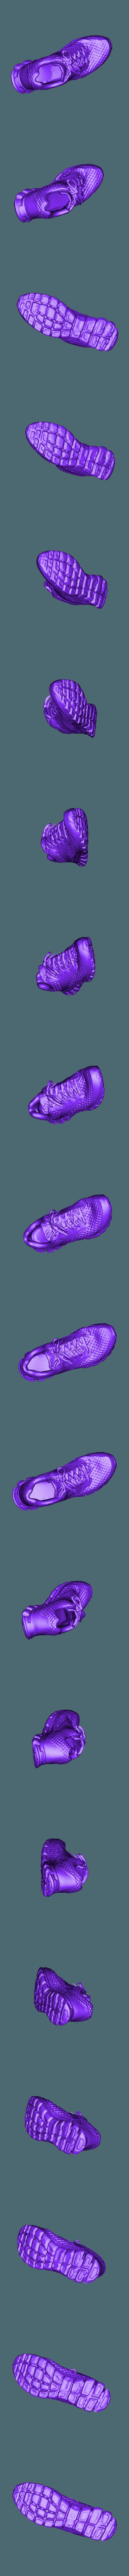 ReebokRealflex.stl Télécharger fichier STL gratuit Reebok Realflex 3D Scan • Design à imprimer en 3D, 3DWP